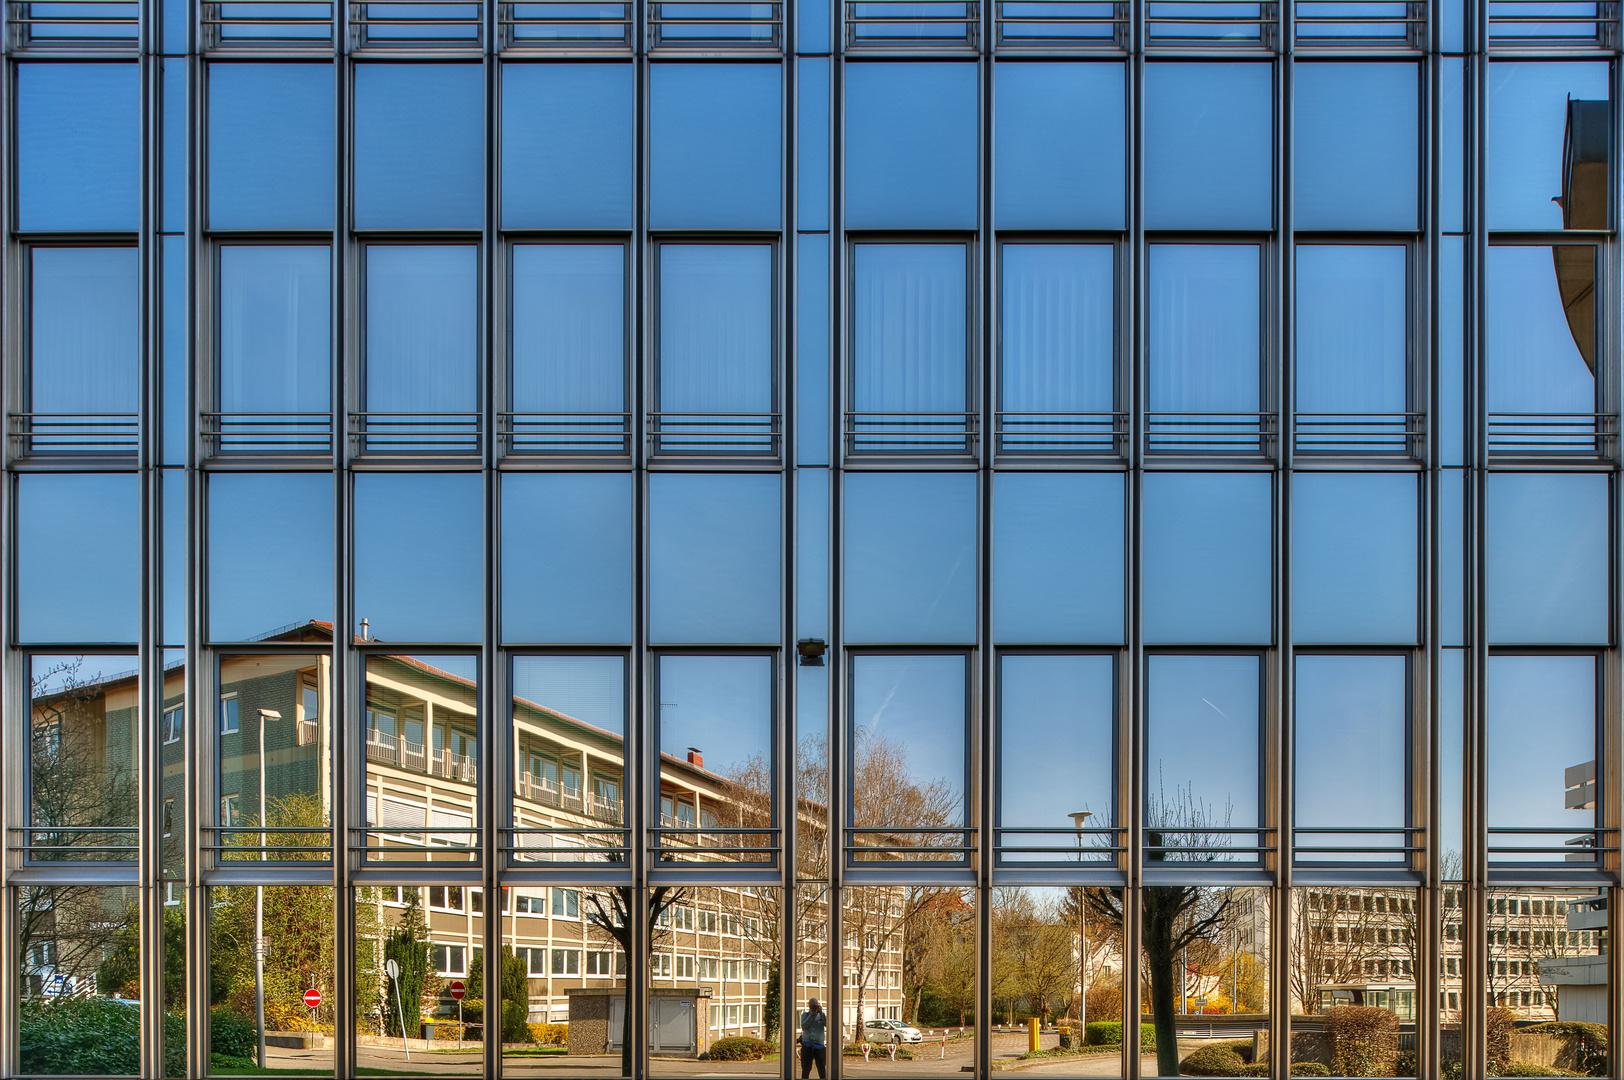 Glasfassade  Glasfassade, Wiesbaden Foto & Bild | abstraktes, linien, glas Bilder ...